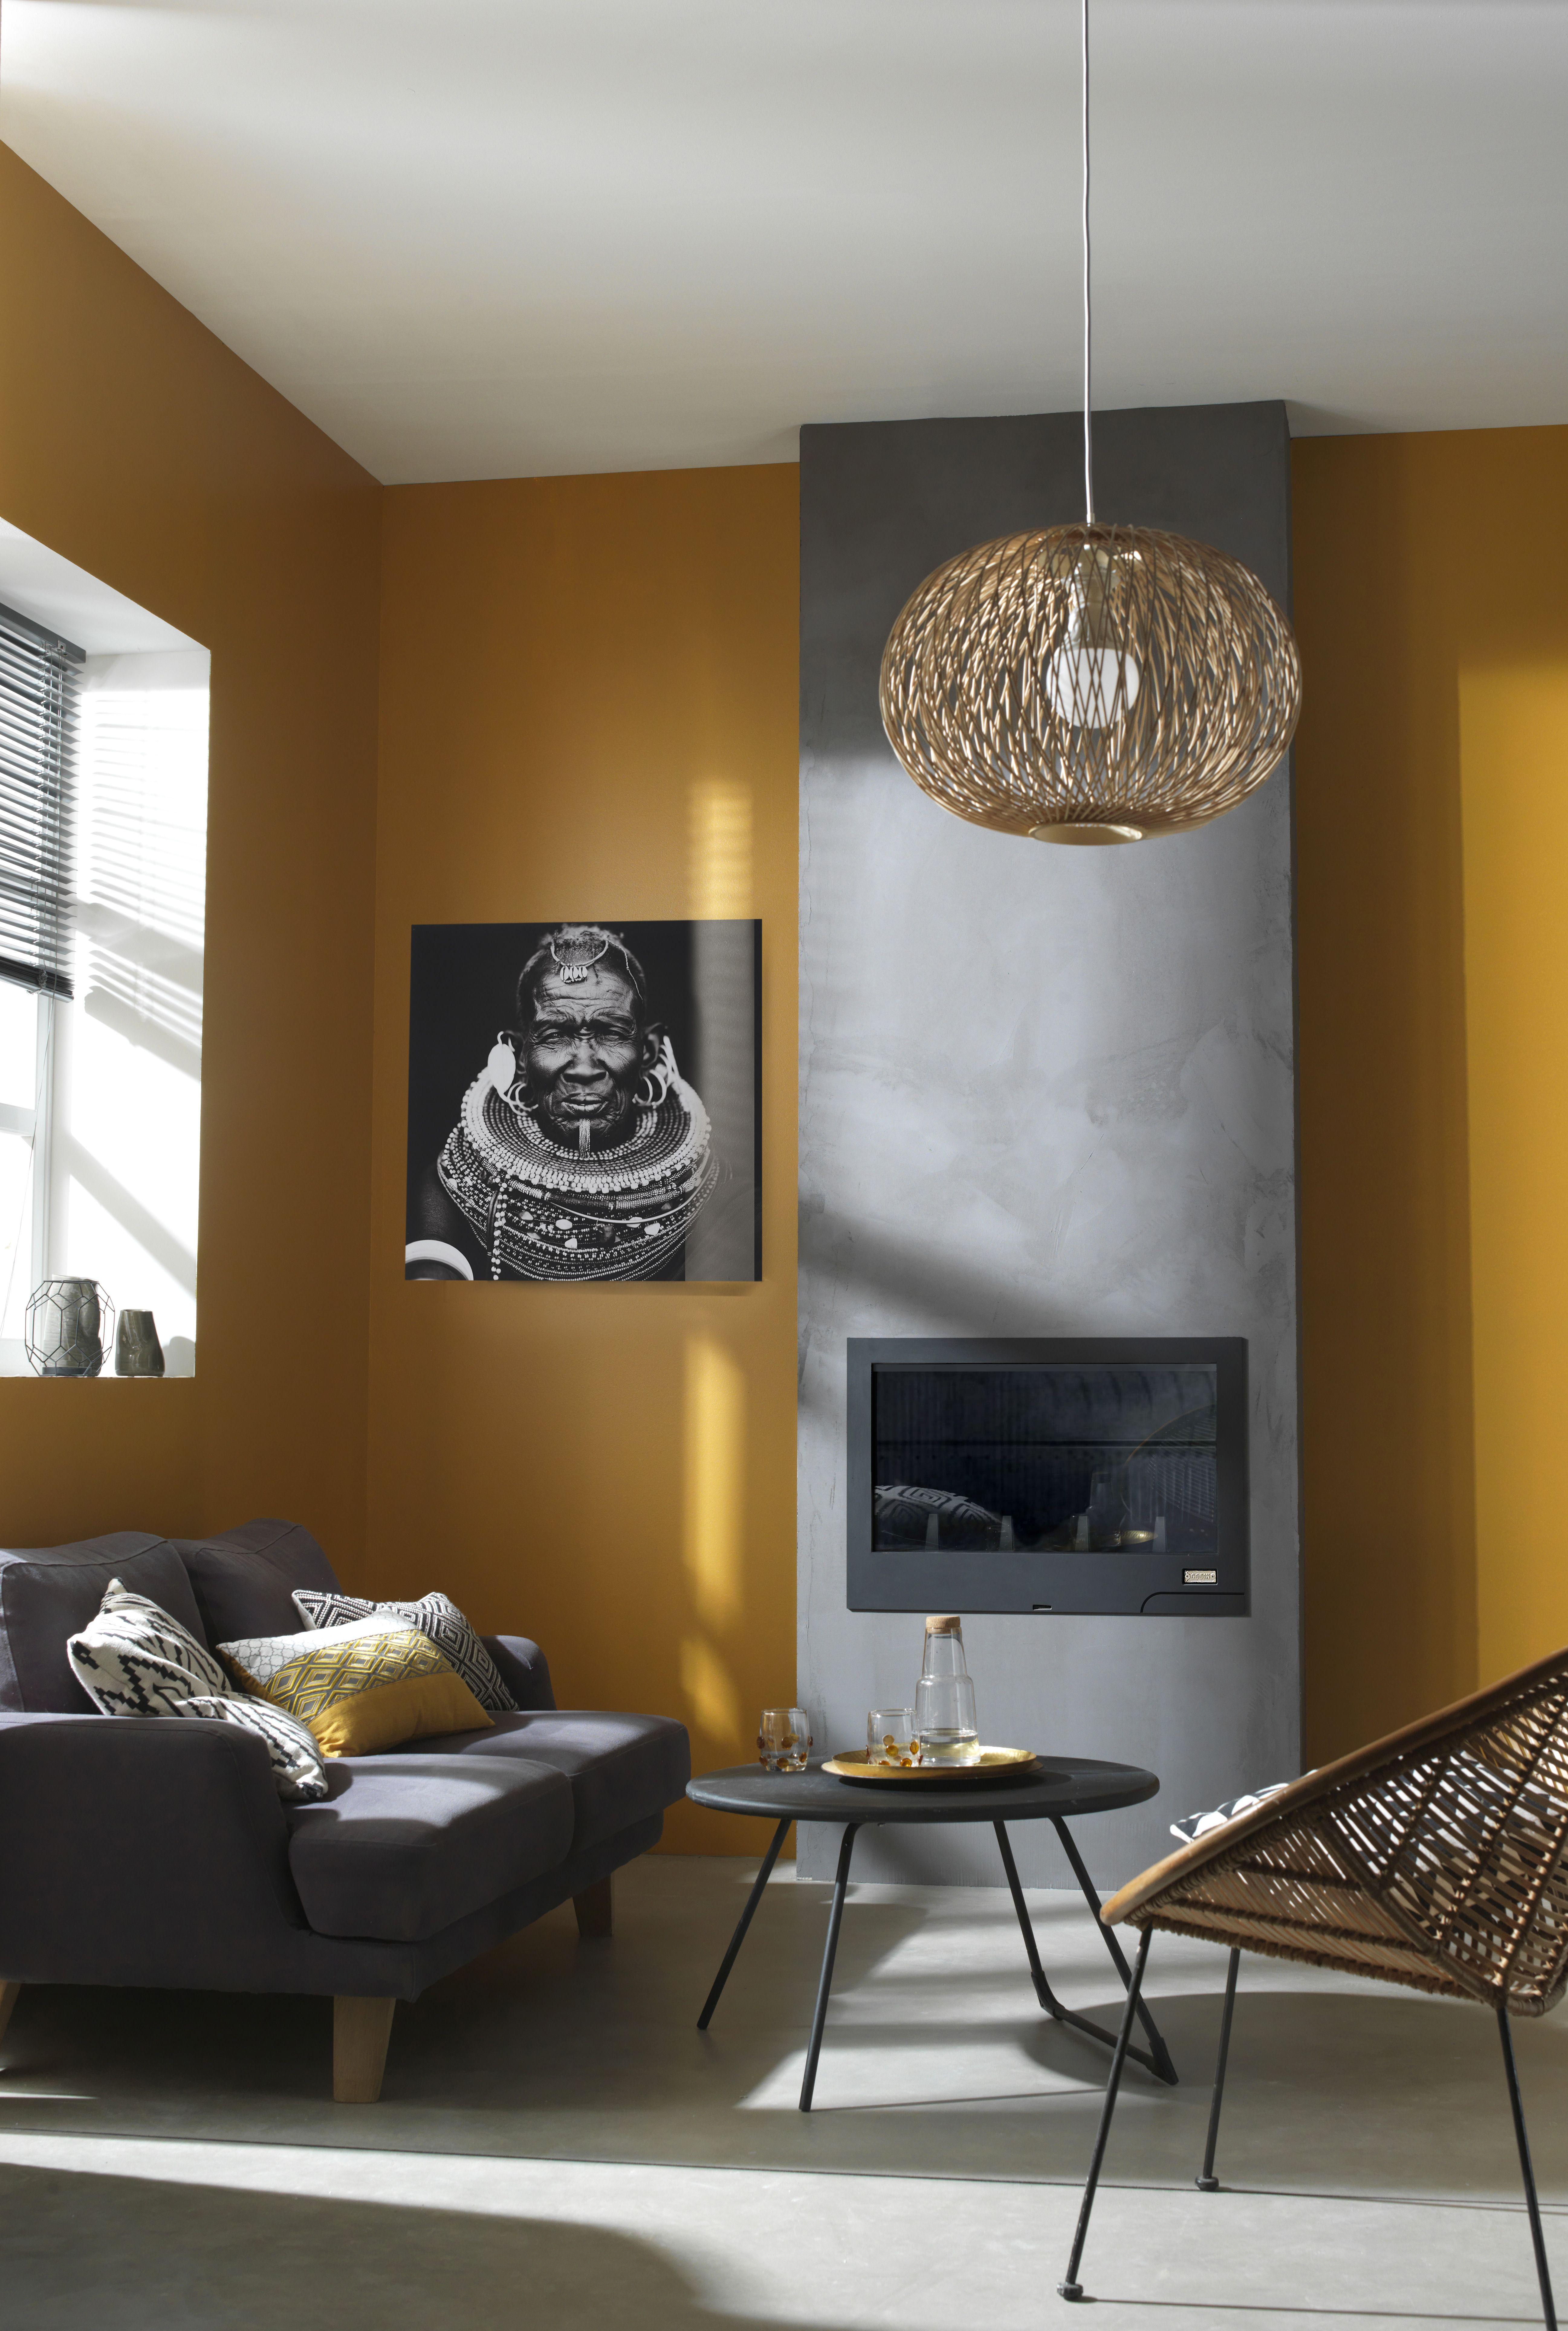 le jaune moutarde sur les murs de votre salon c 39 est la tendance du moment cadres miroirs. Black Bedroom Furniture Sets. Home Design Ideas